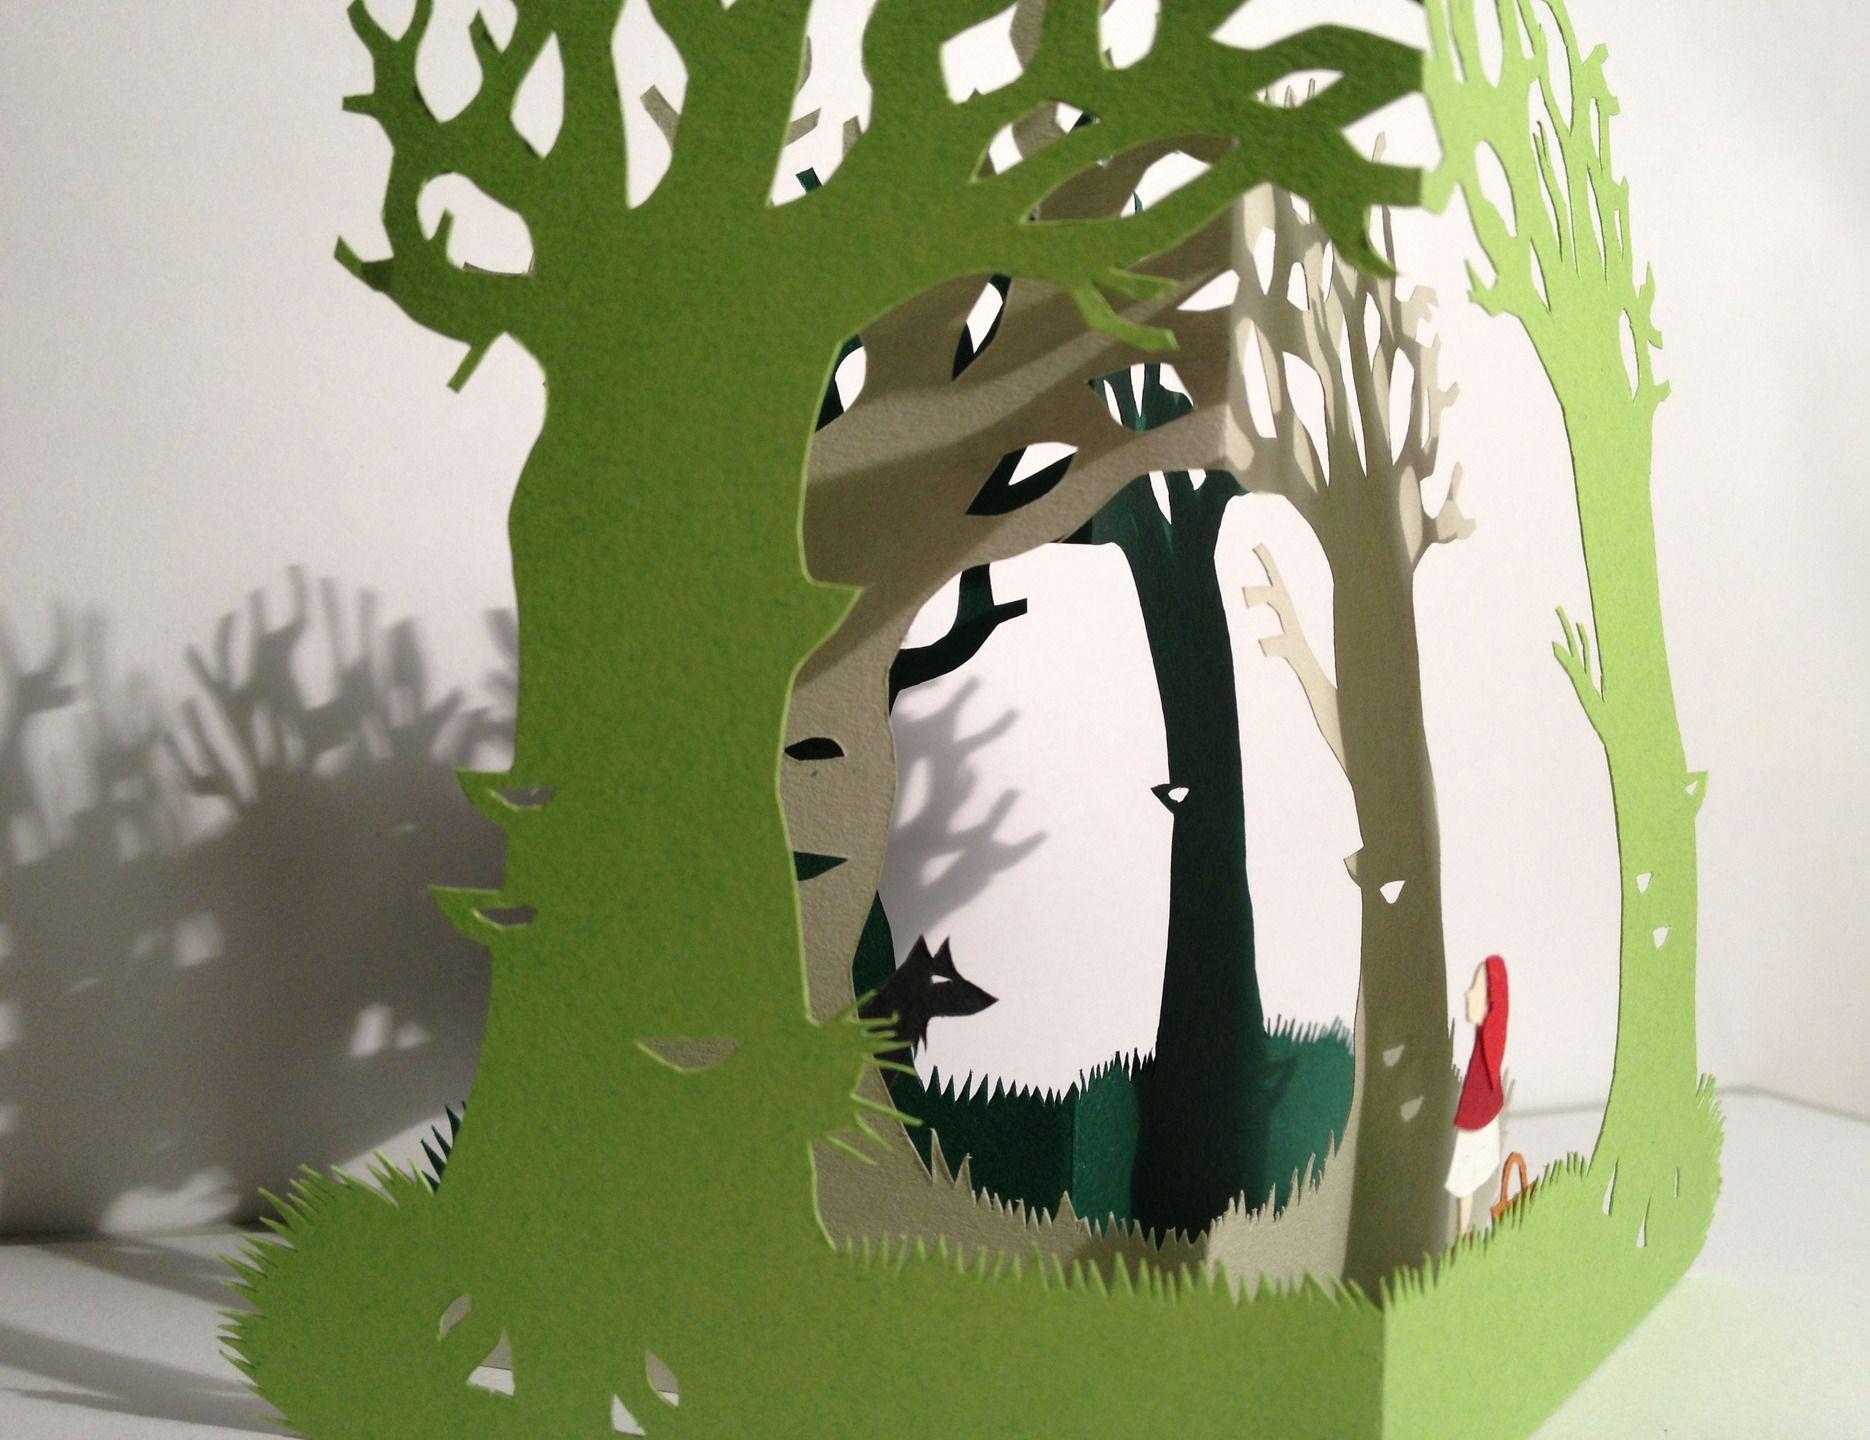 Promenons nous, dans les bois Le petit chaperon rouge for u00eat verte, carte pop up en papier de